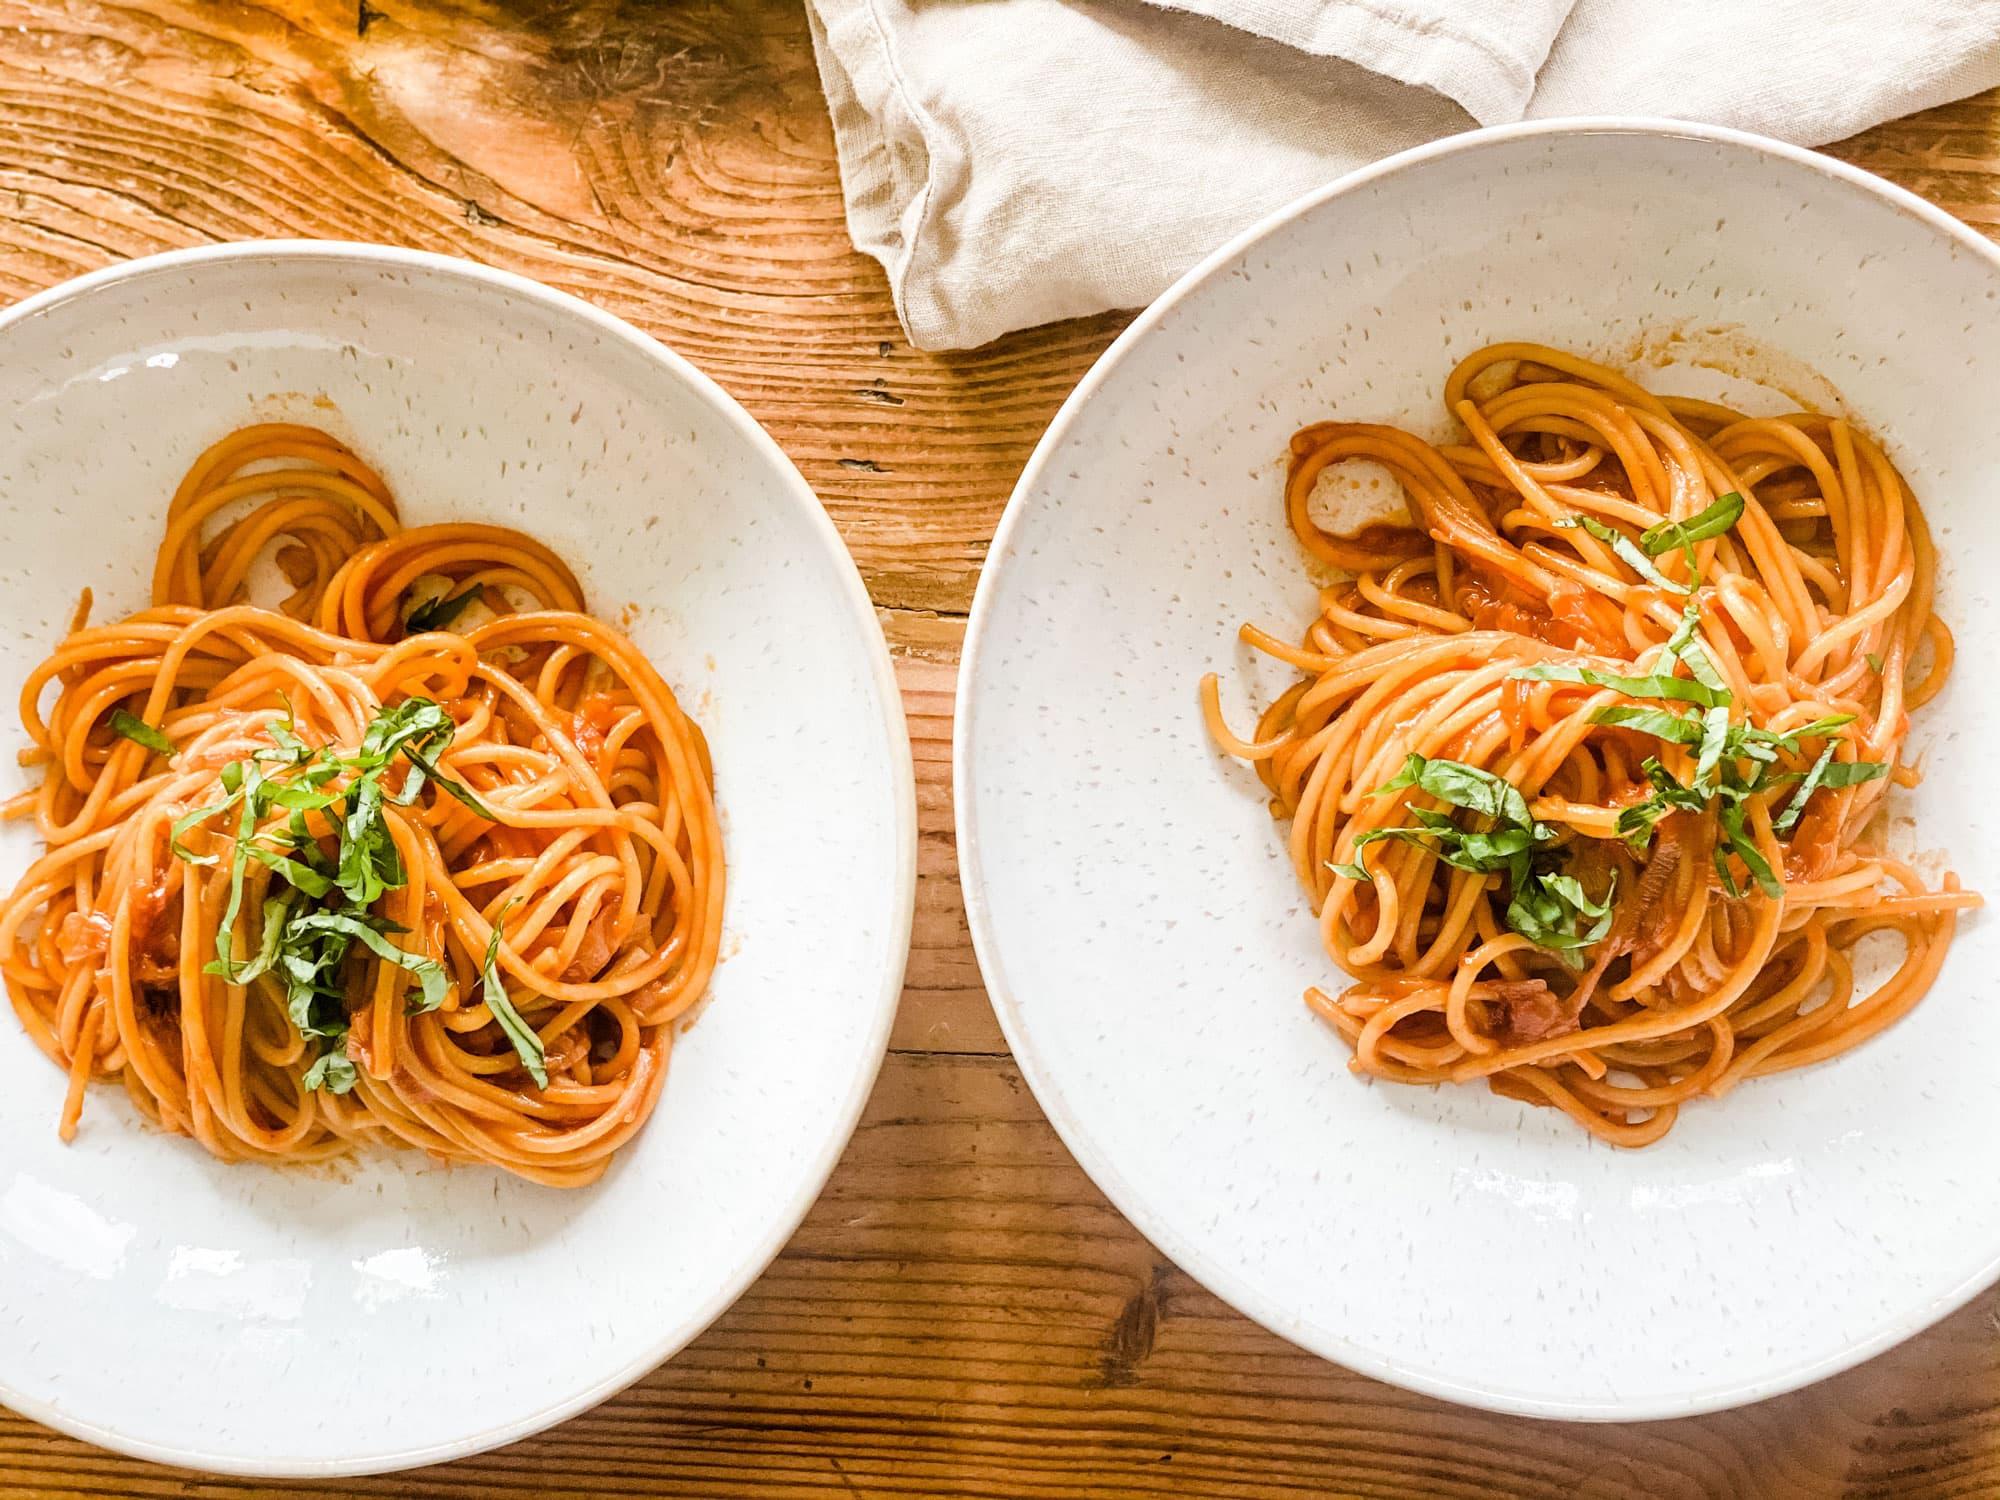 2 bowls of pasta with basil chiffonade